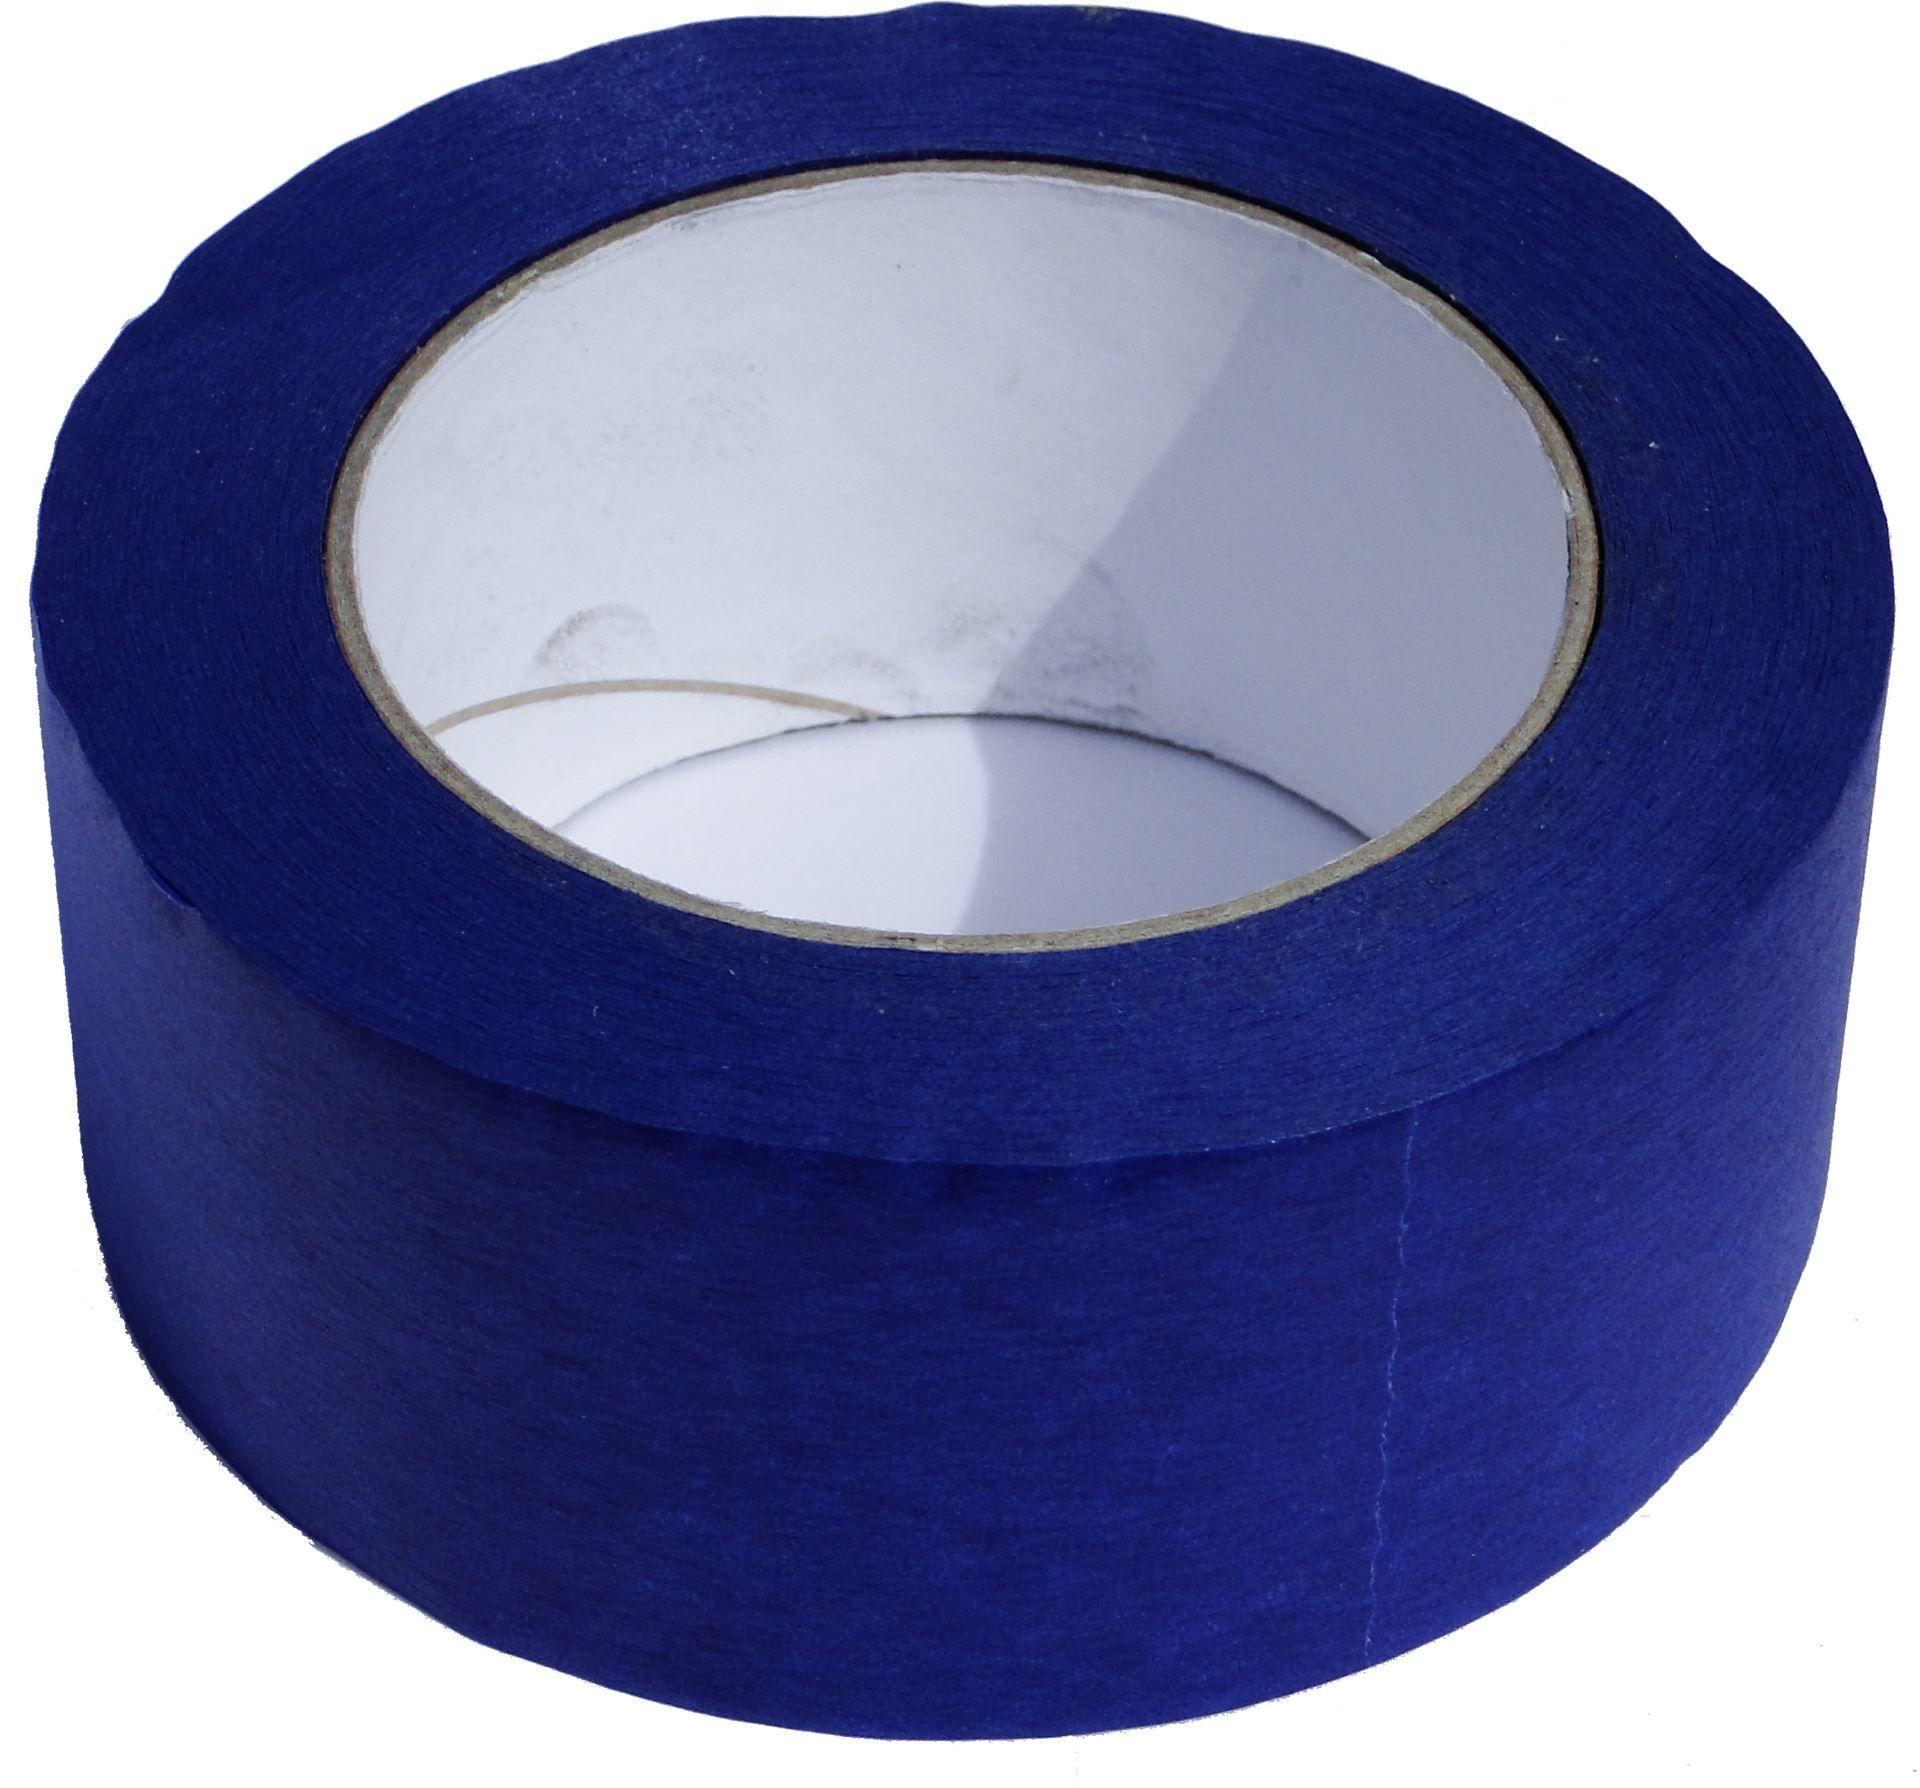 Taśma malarska niebieska 38mm x 50m